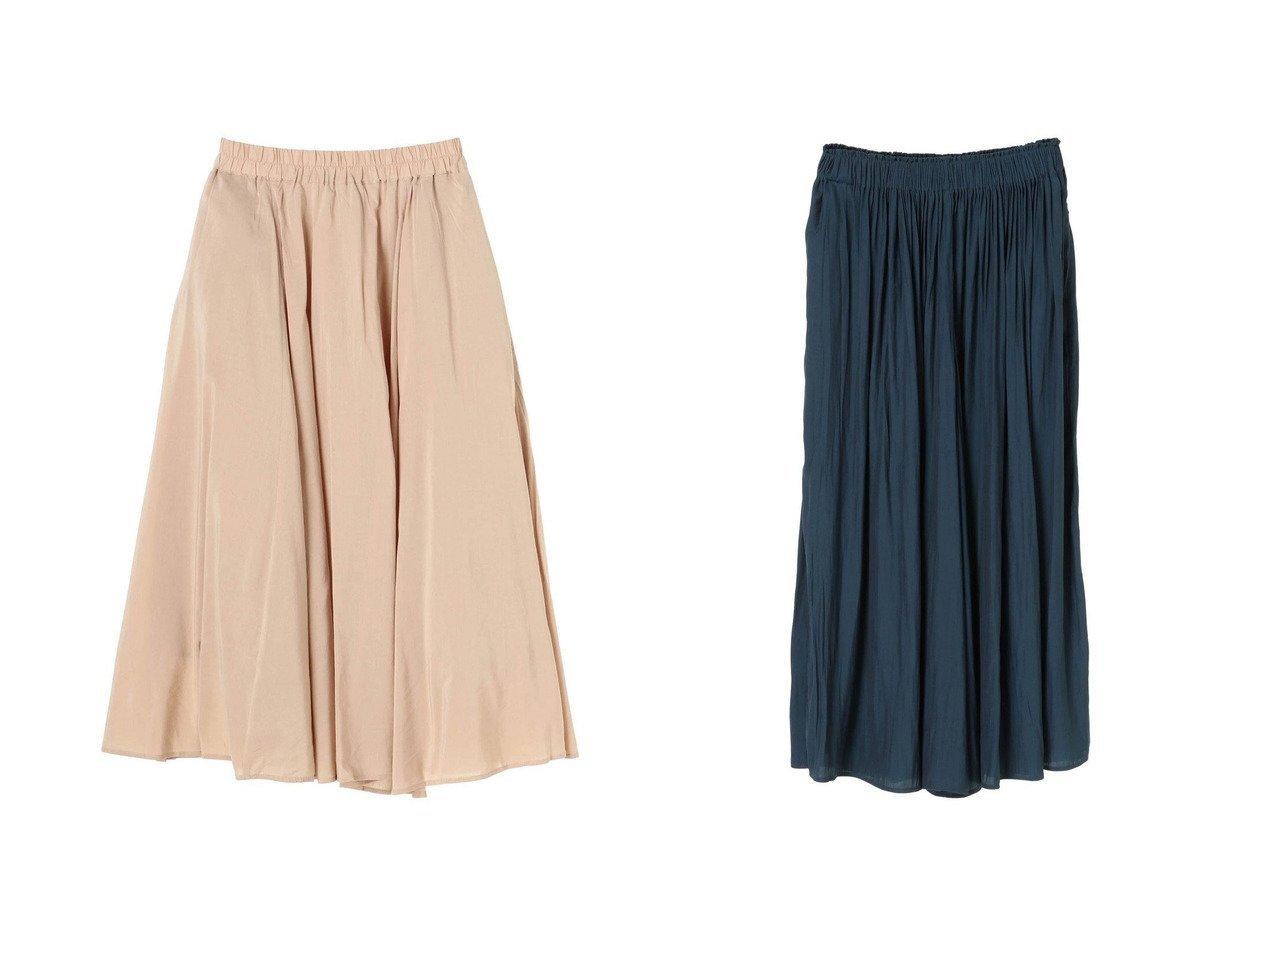 【Green Parks/グリーンパークス】のスカート見えギャザーワイドパンツ&ボリュームロングスカート 【プチプライス・格安】おすすめ!人気トレンド・レディースファッション通販   おすすめで人気の流行・トレンド、ファッションの通販商品 インテリア・家具・メンズファッション・キッズファッション・レディースファッション・服の通販 founy(ファニー) https://founy.com/ ファッション Fashion レディースファッション WOMEN スカート Skirt ロングスカート Long Skirt ガウチョ ギャザー ワイド 再入荷 Restock/Back in Stock/Re Arrival 送料無料 Free Shipping シンプル ロング 無地 |ID:crp329100000042564